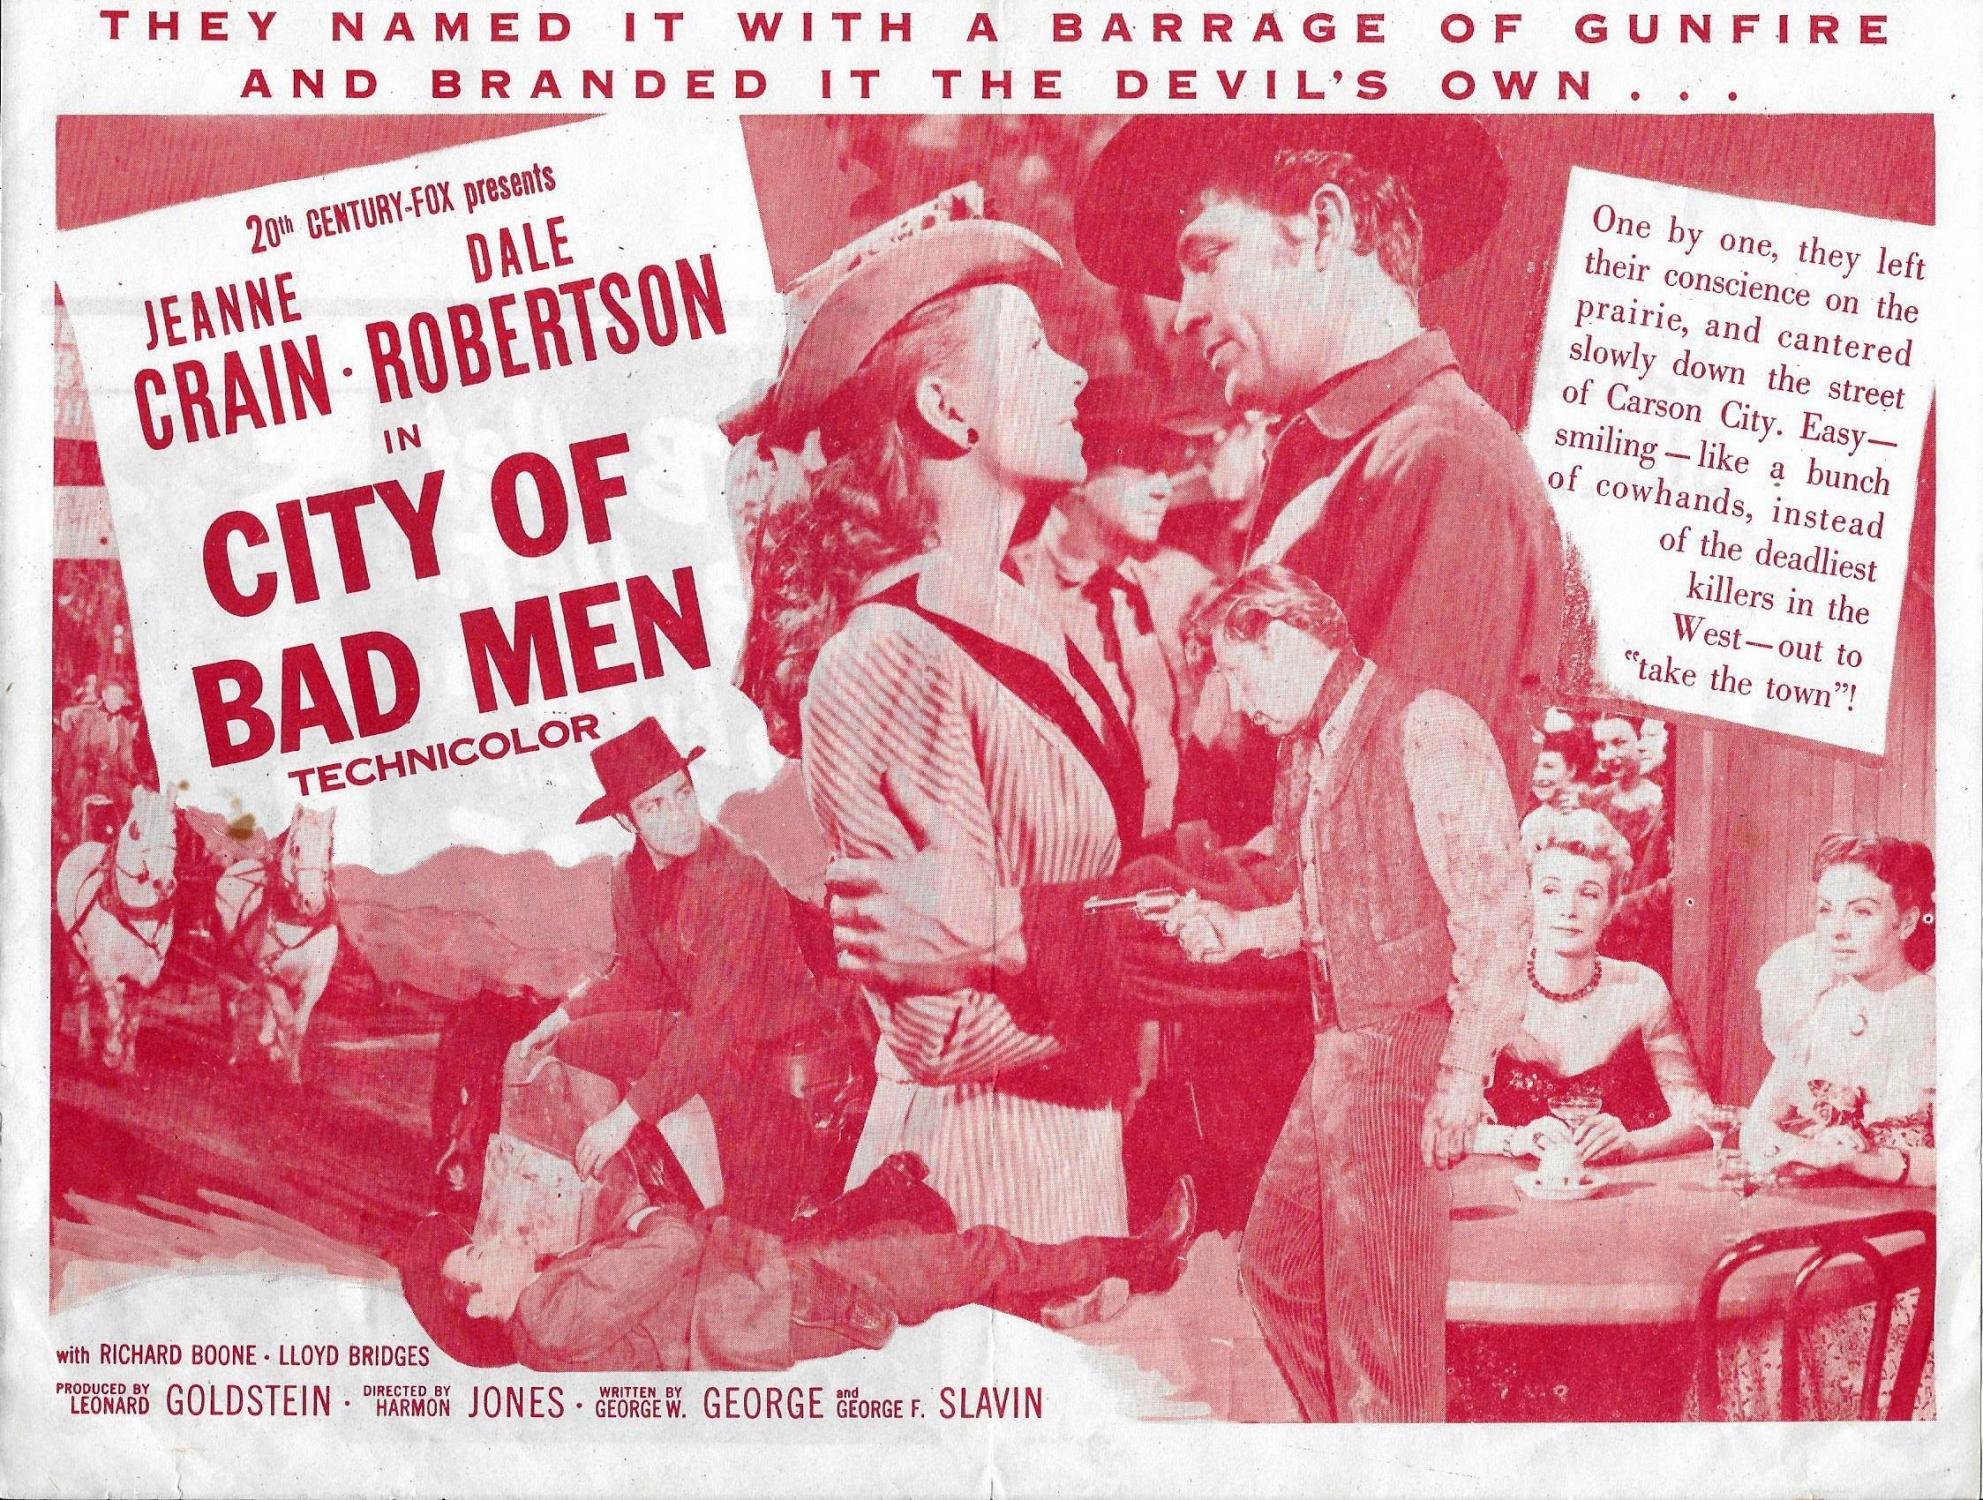 City of Bad Men: Original Movie Ad-1953